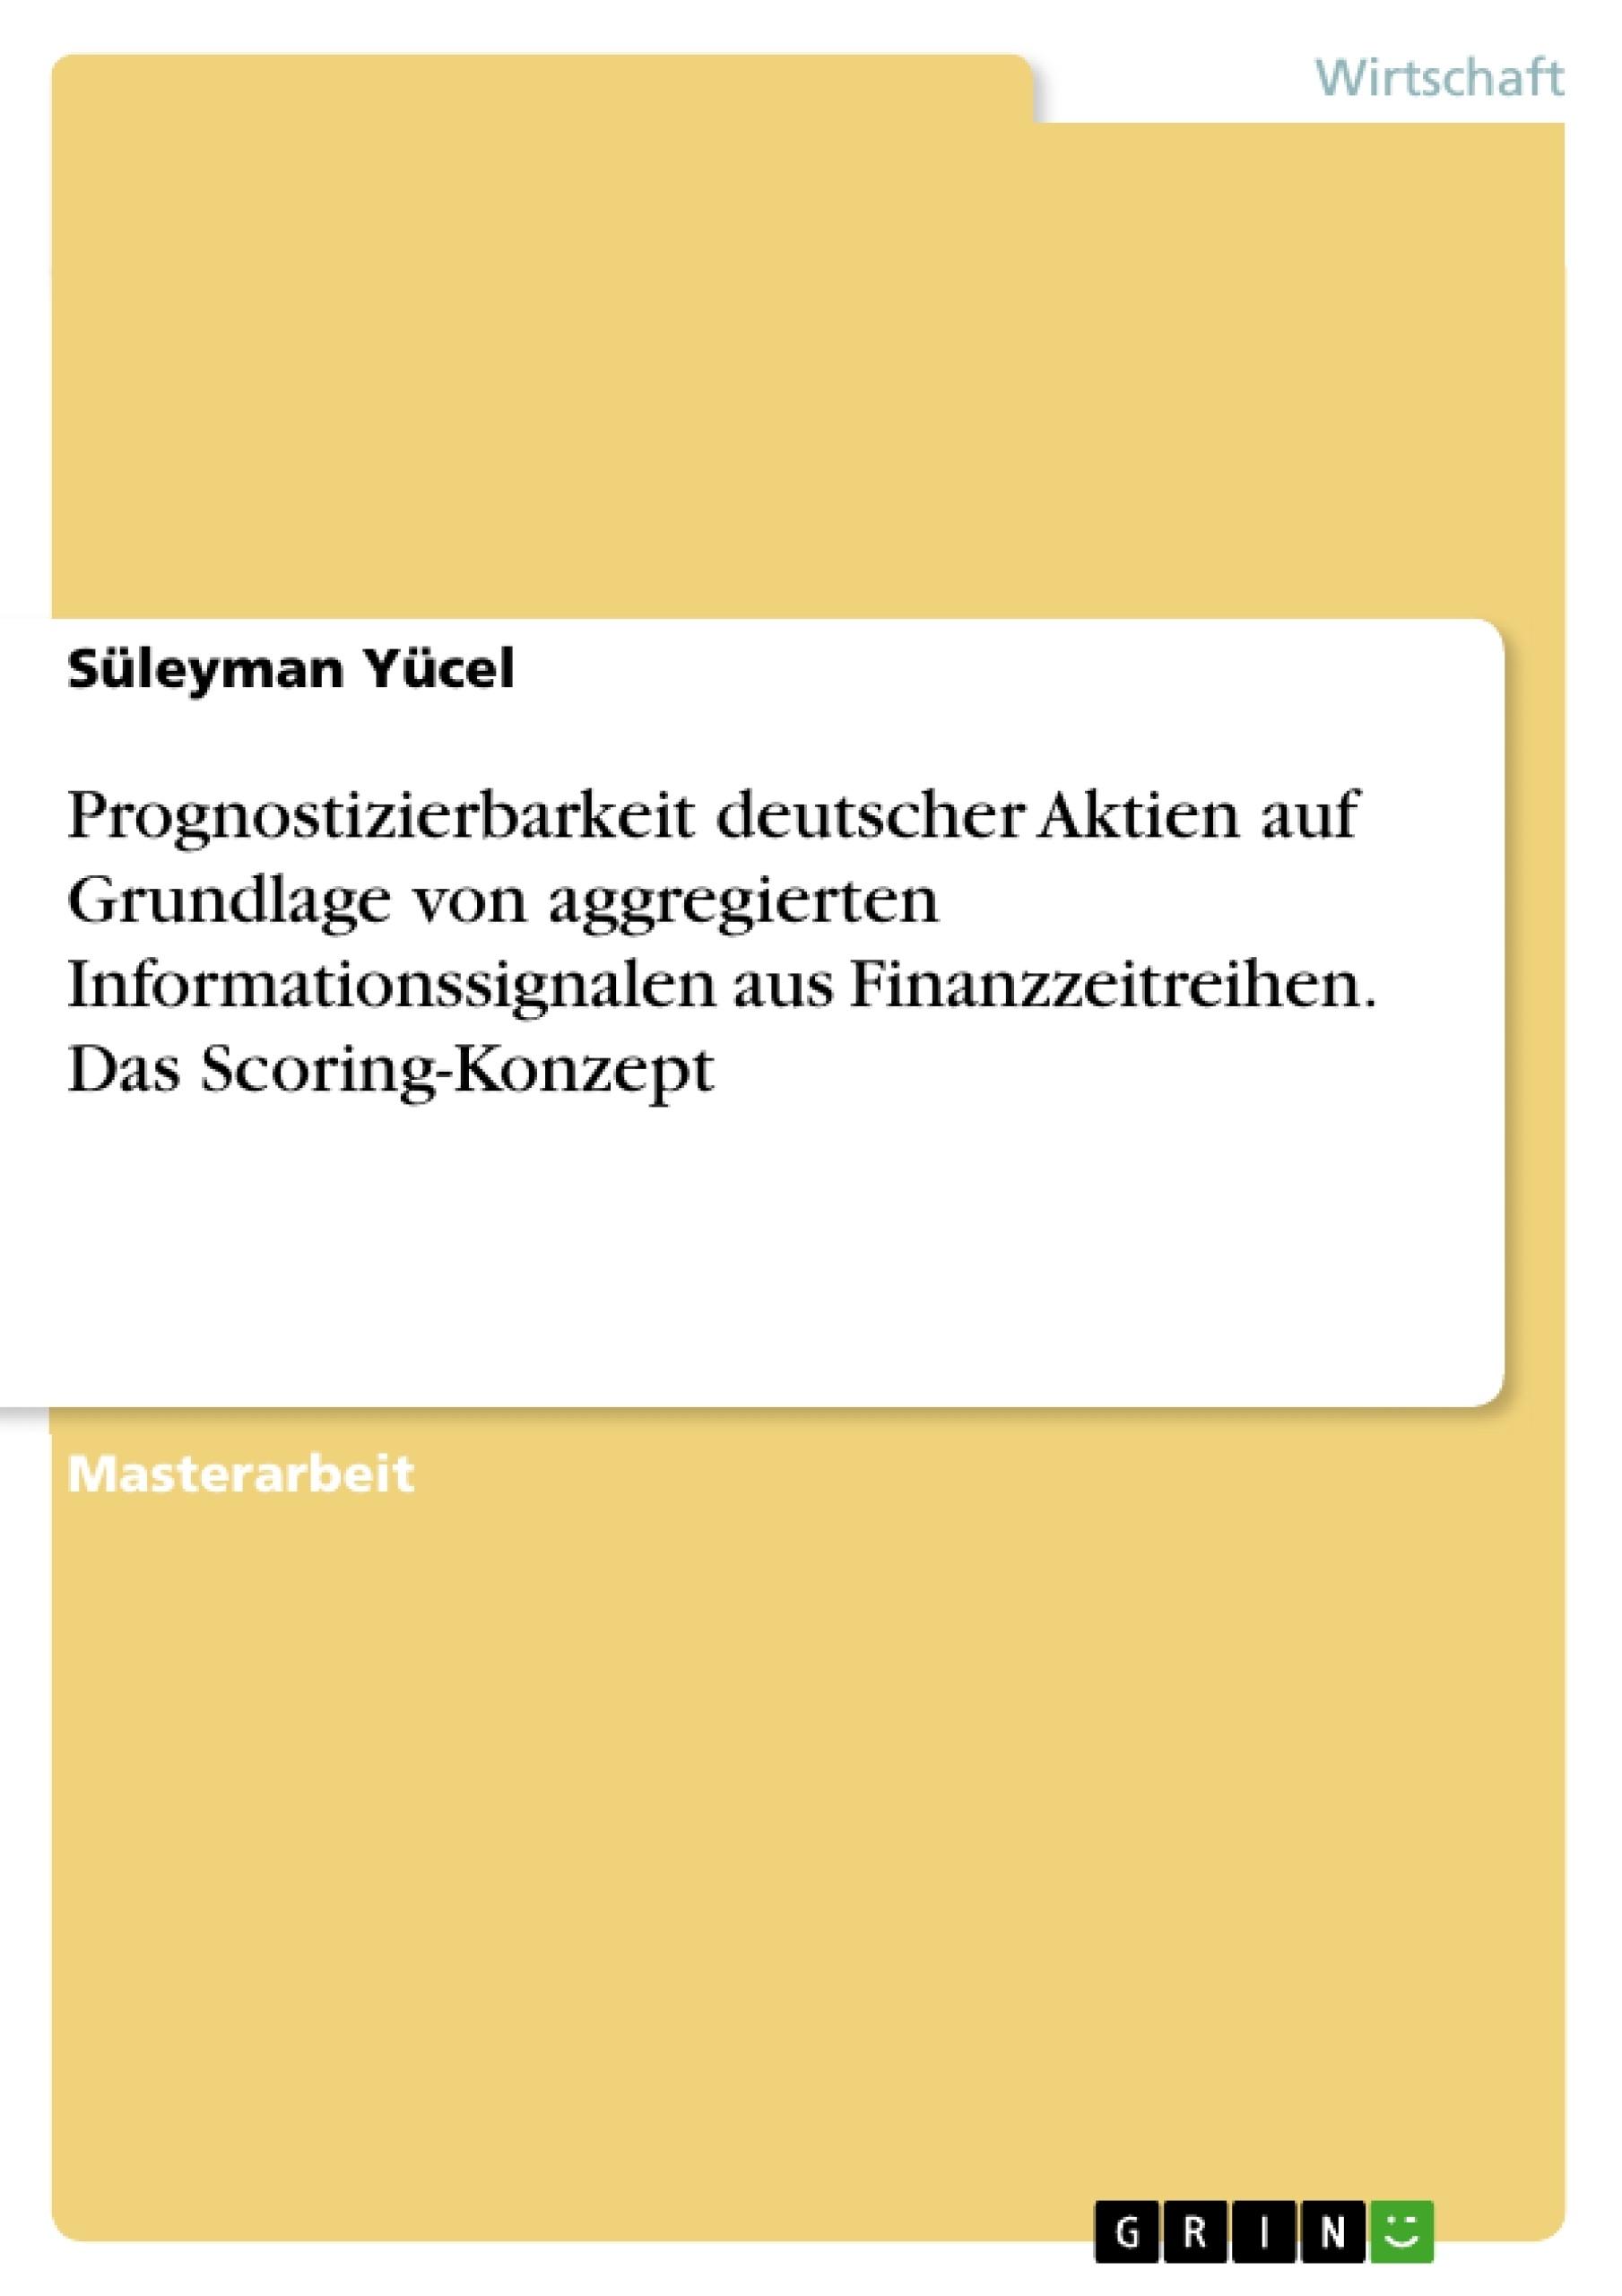 Titel: Prognostizierbarkeit deutscher Aktien auf Grundlage von aggregierten Informationssignalen aus Finanzzeitreihen. Das Scoring-Konzept